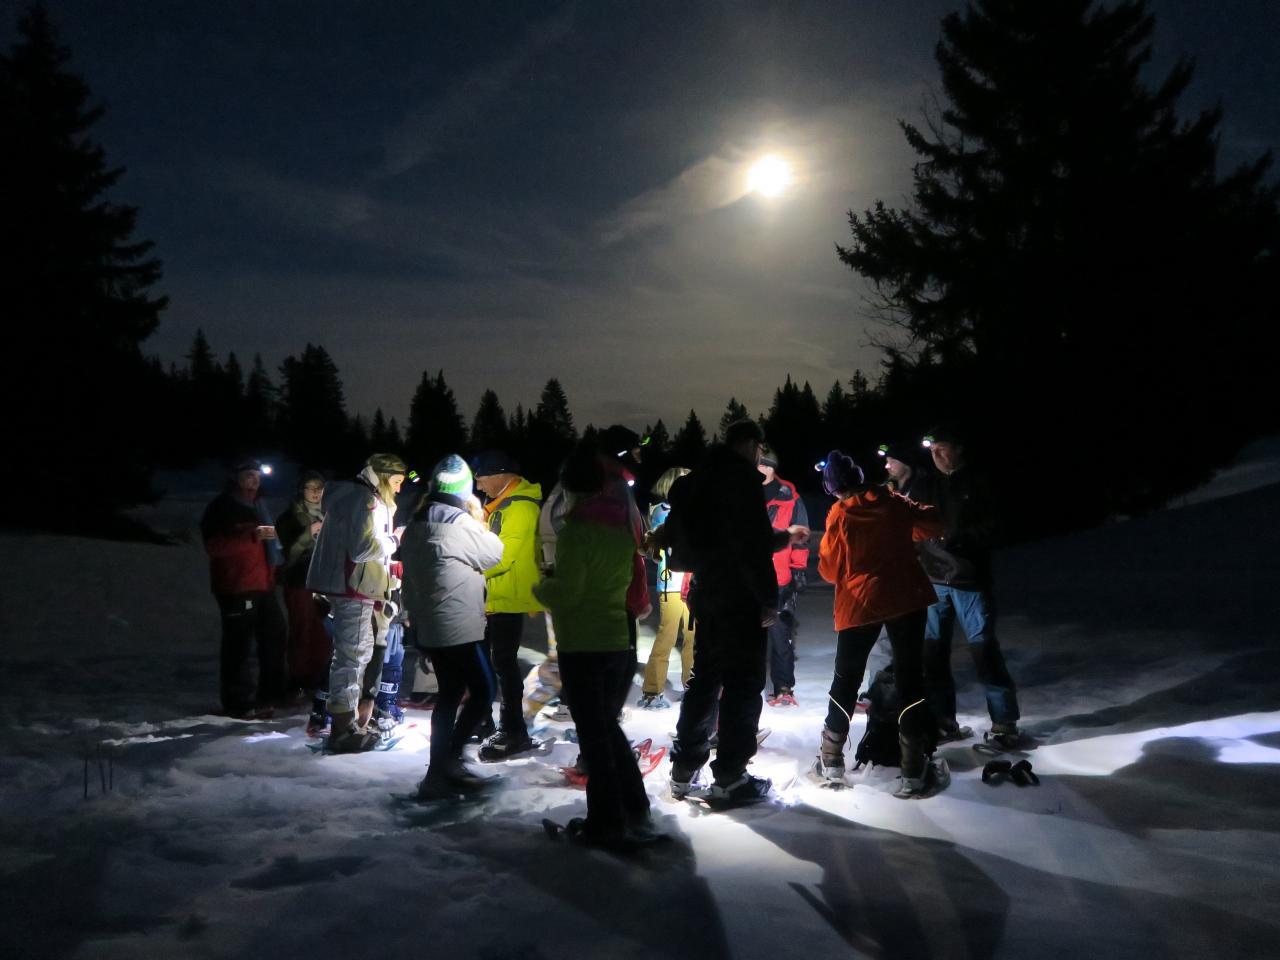 2017 11/03 soirée BNP vin chaud au clair de lune